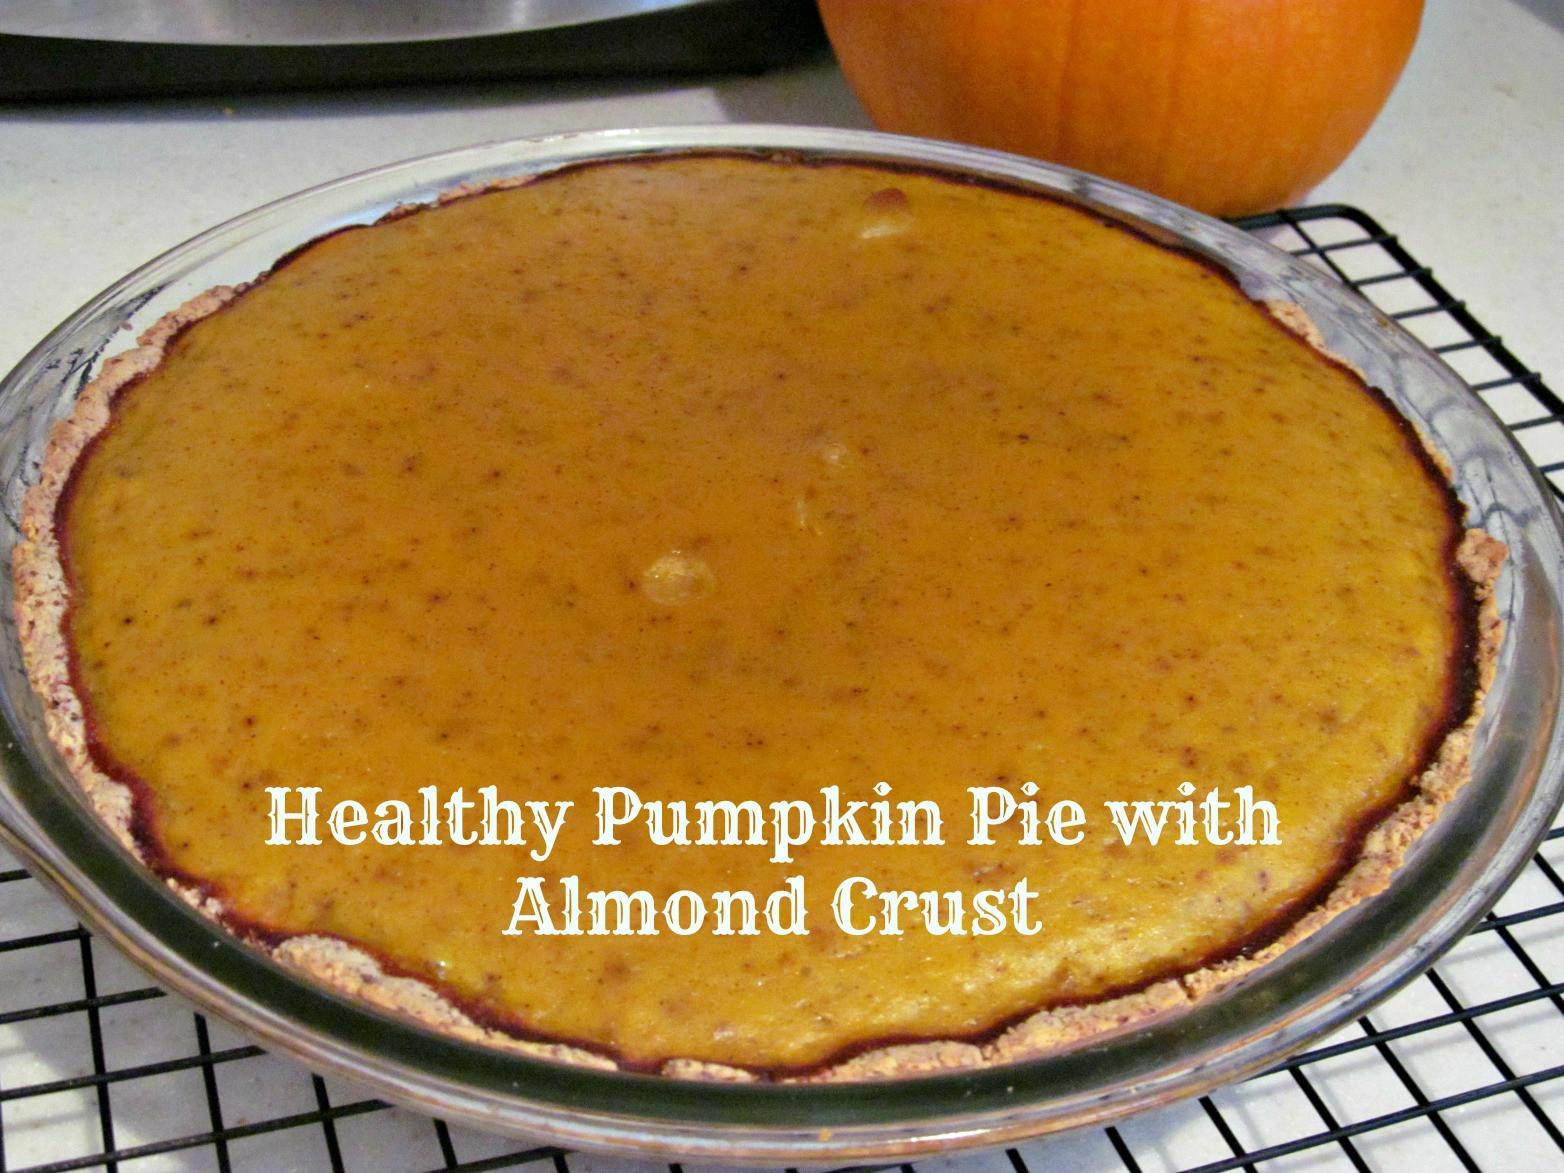 Healthy Pumpkin Pie Recipe With Almond Milk  Healthy Pumpkin Pie with Almond Crust – The Chocolate Bottle